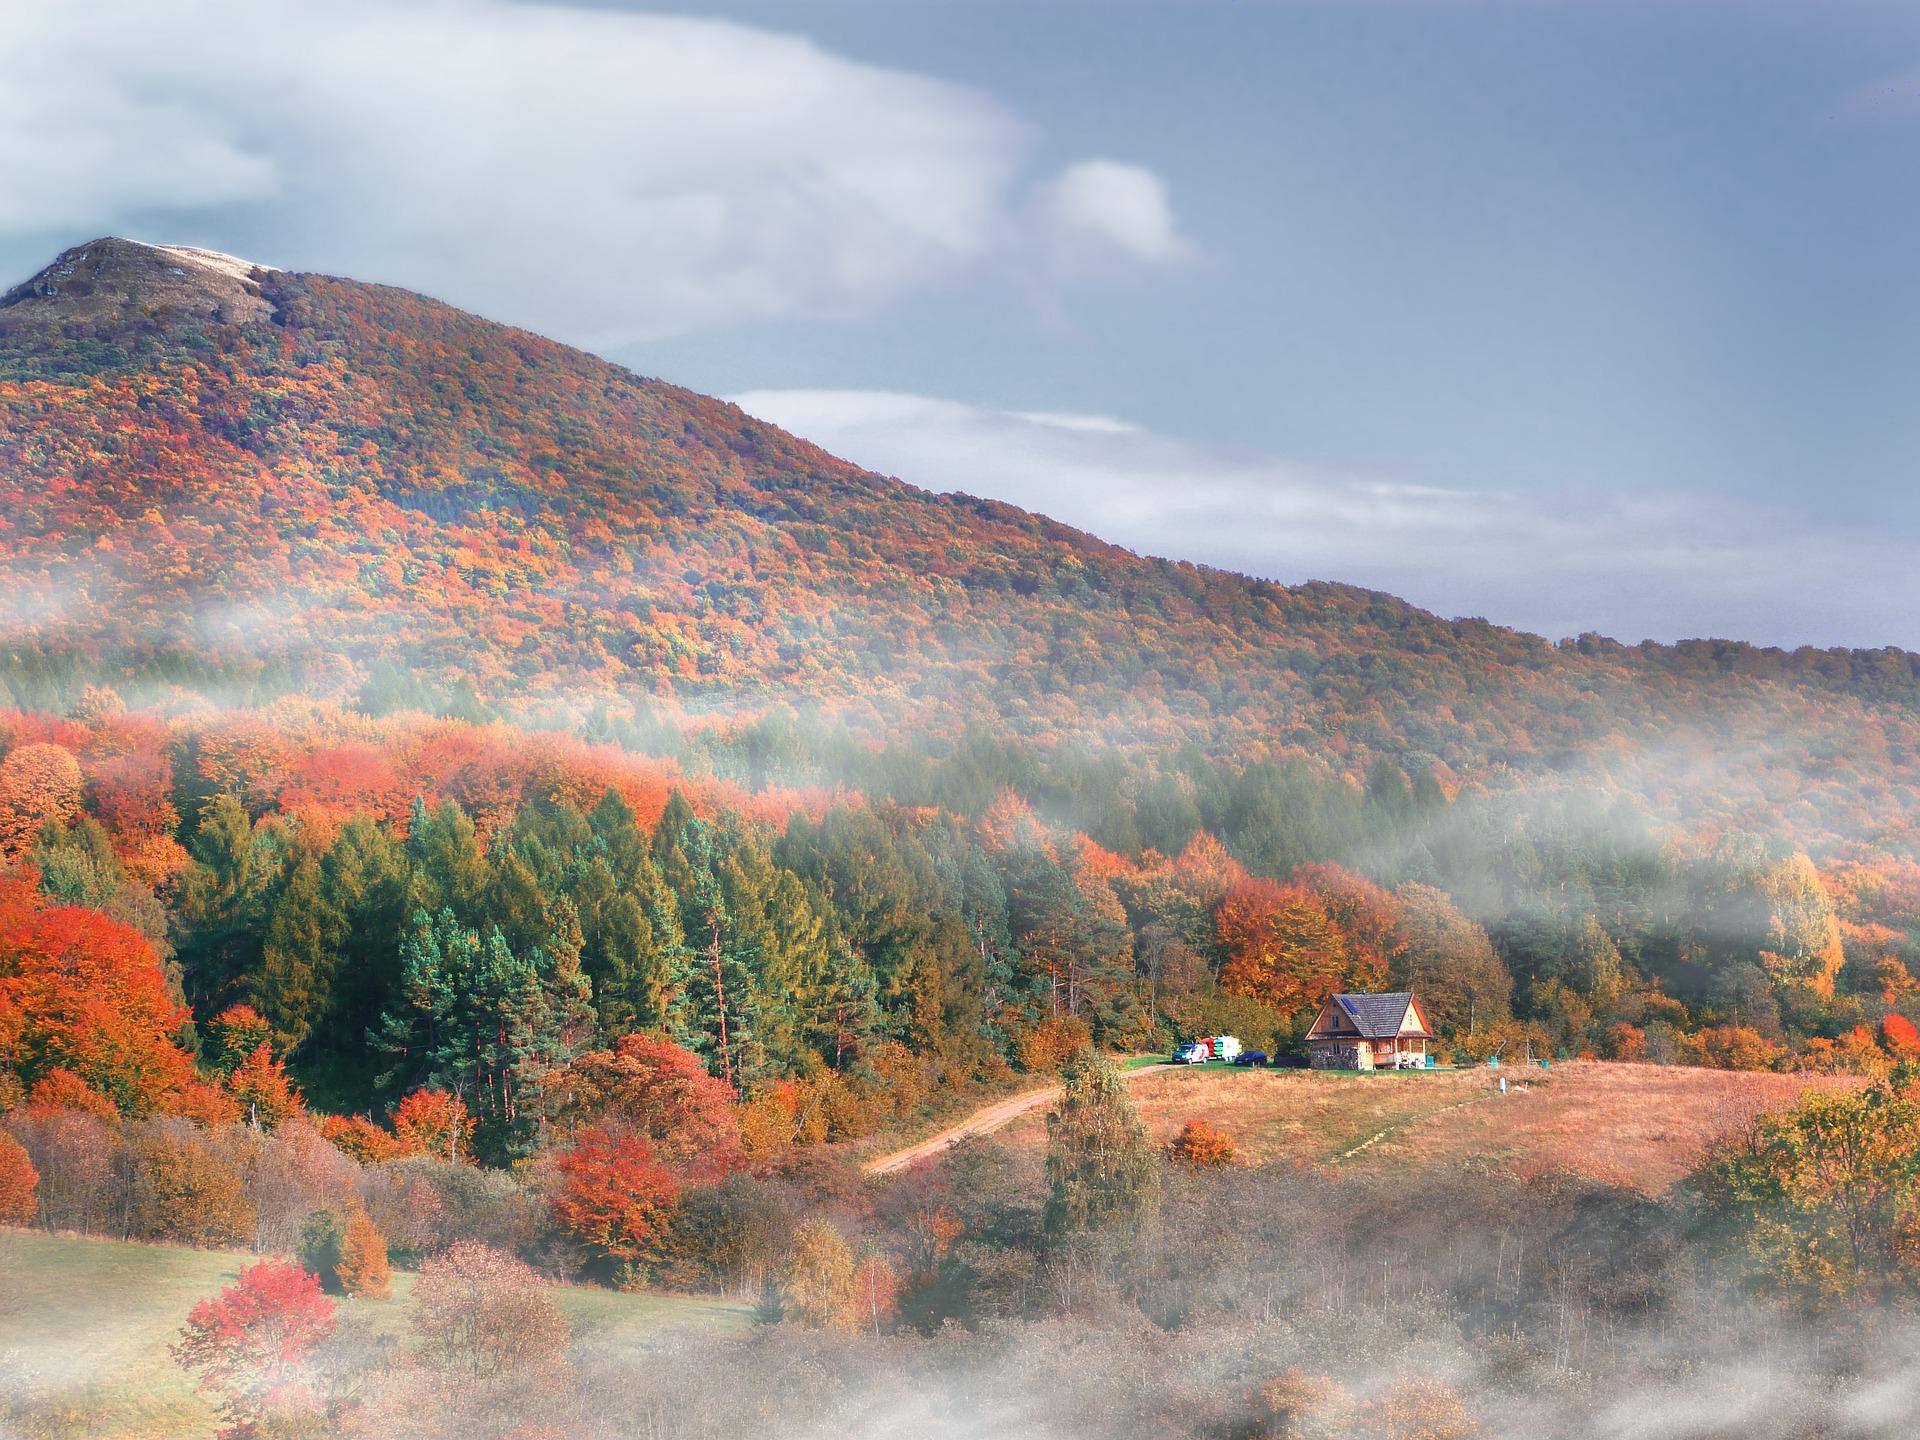 Dom w Bieszczadach? Ceny nieruchomości na terenach górskich rosną wolniej  - Zdjęcie główne